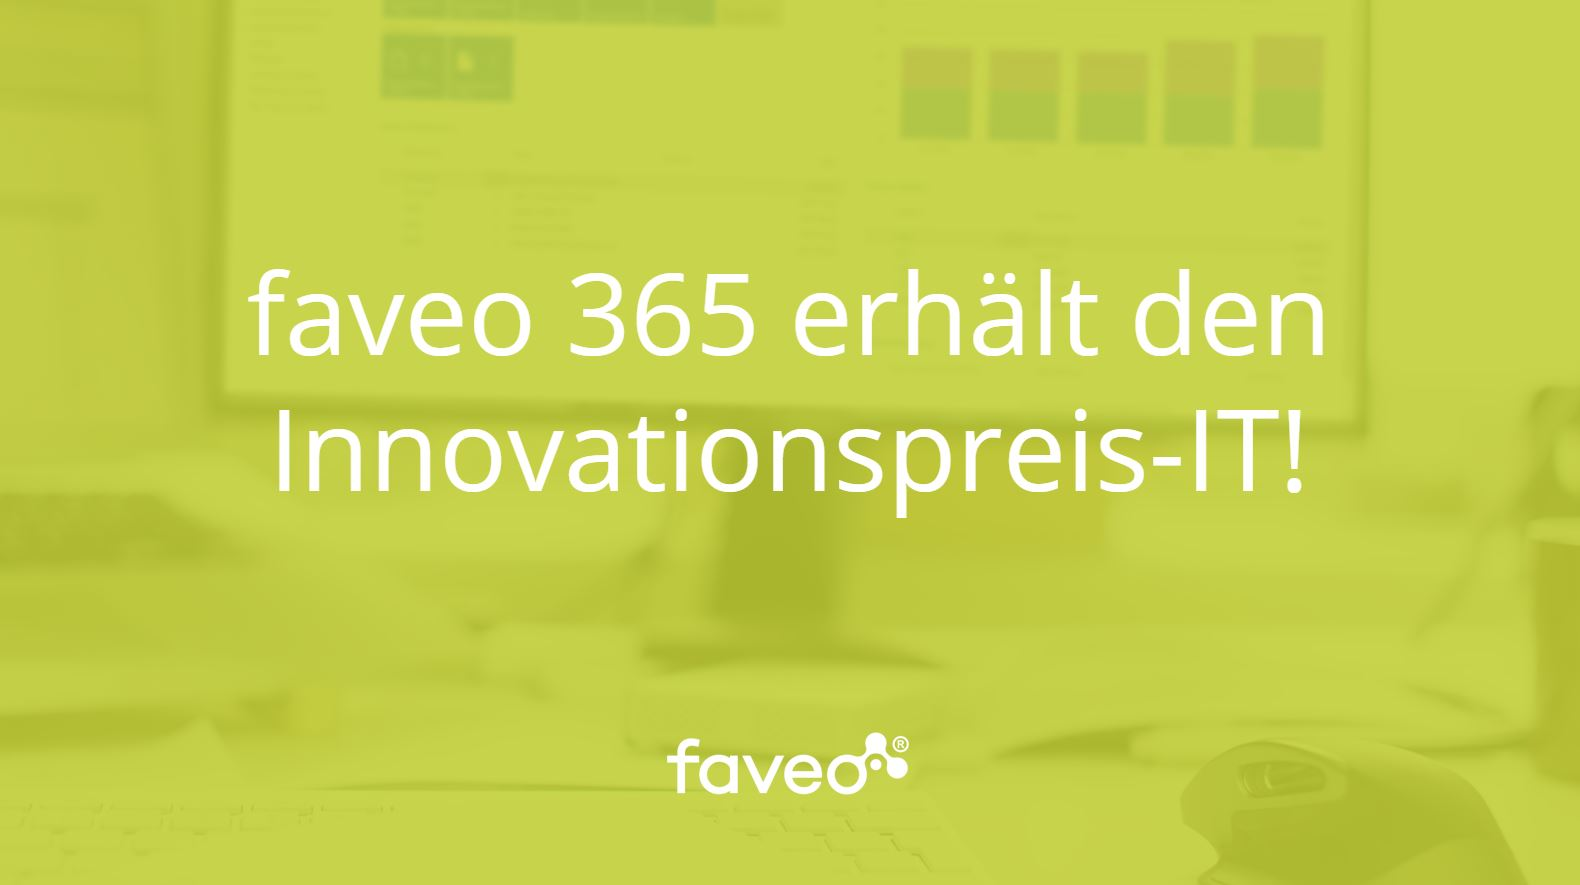 Innovationspreis-IT